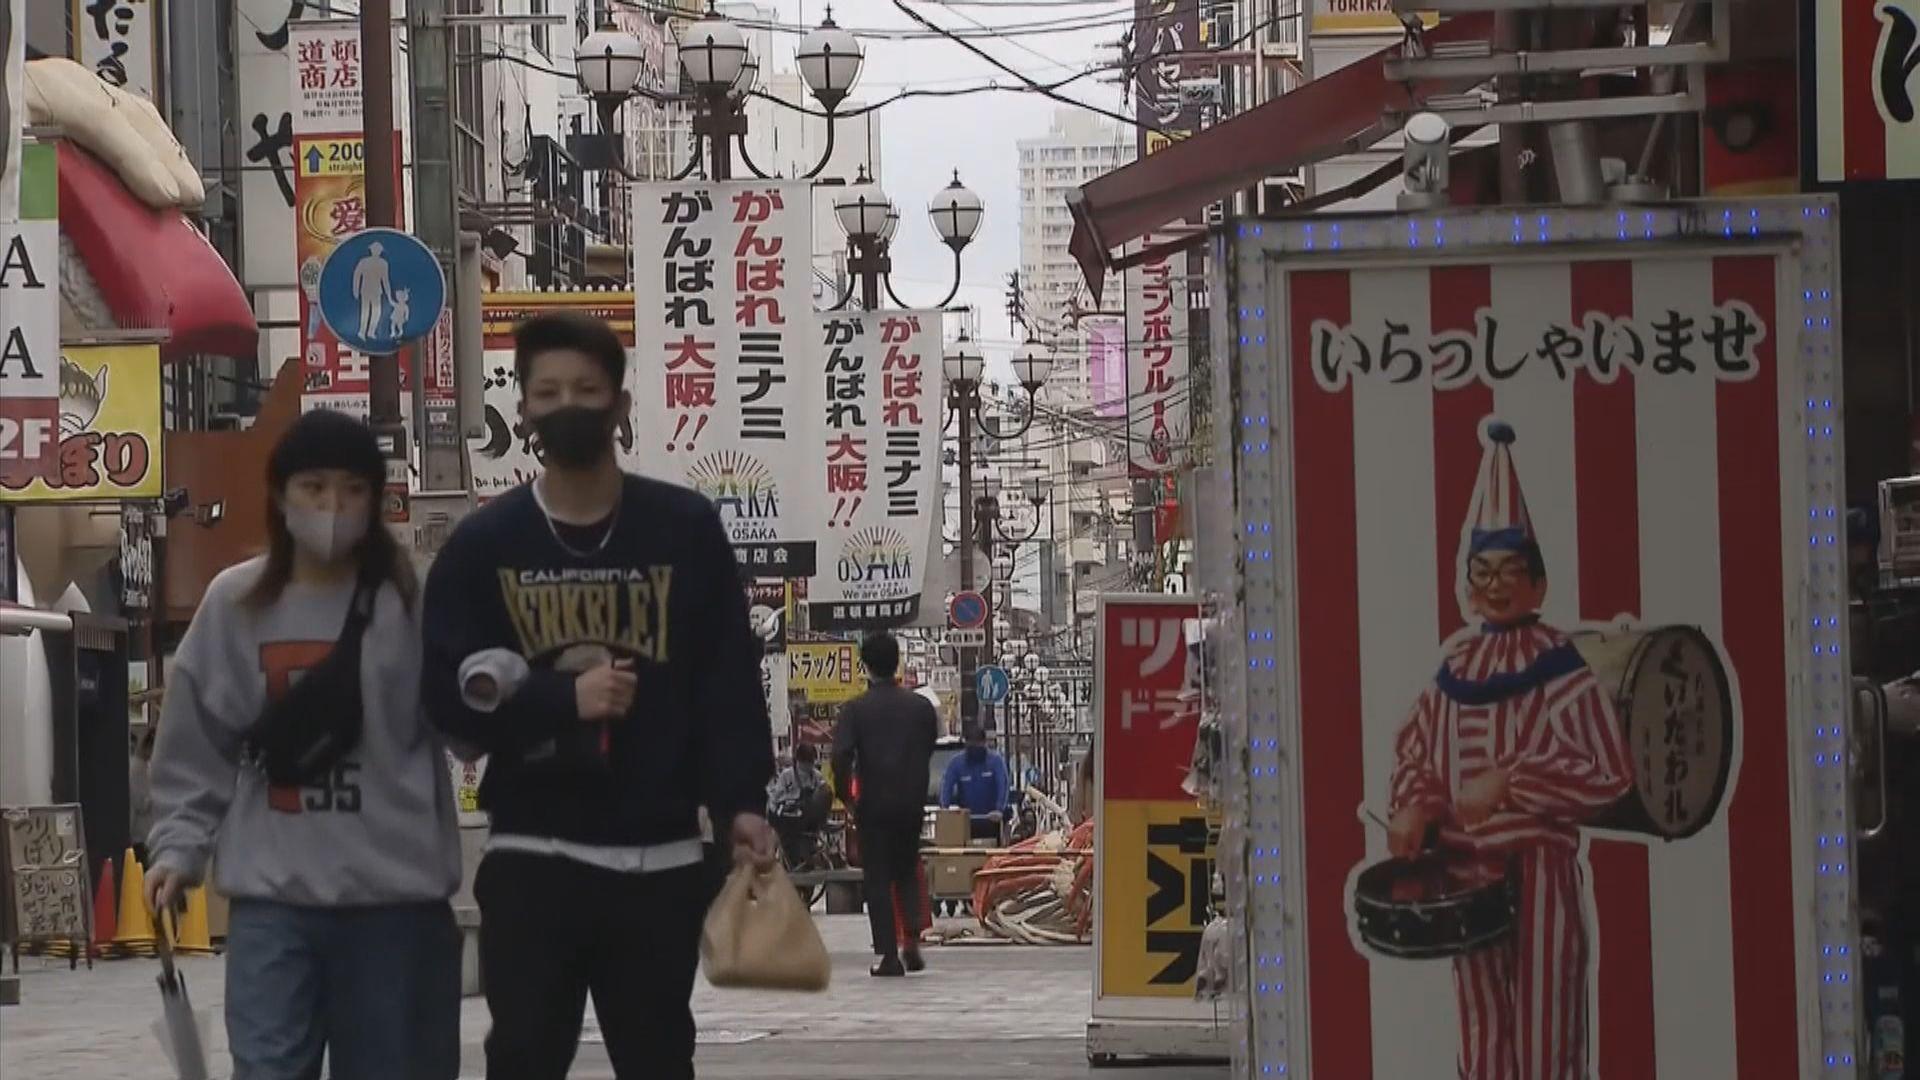 日本大阪疫情擴大 要求中央再發布緊急事態宣言